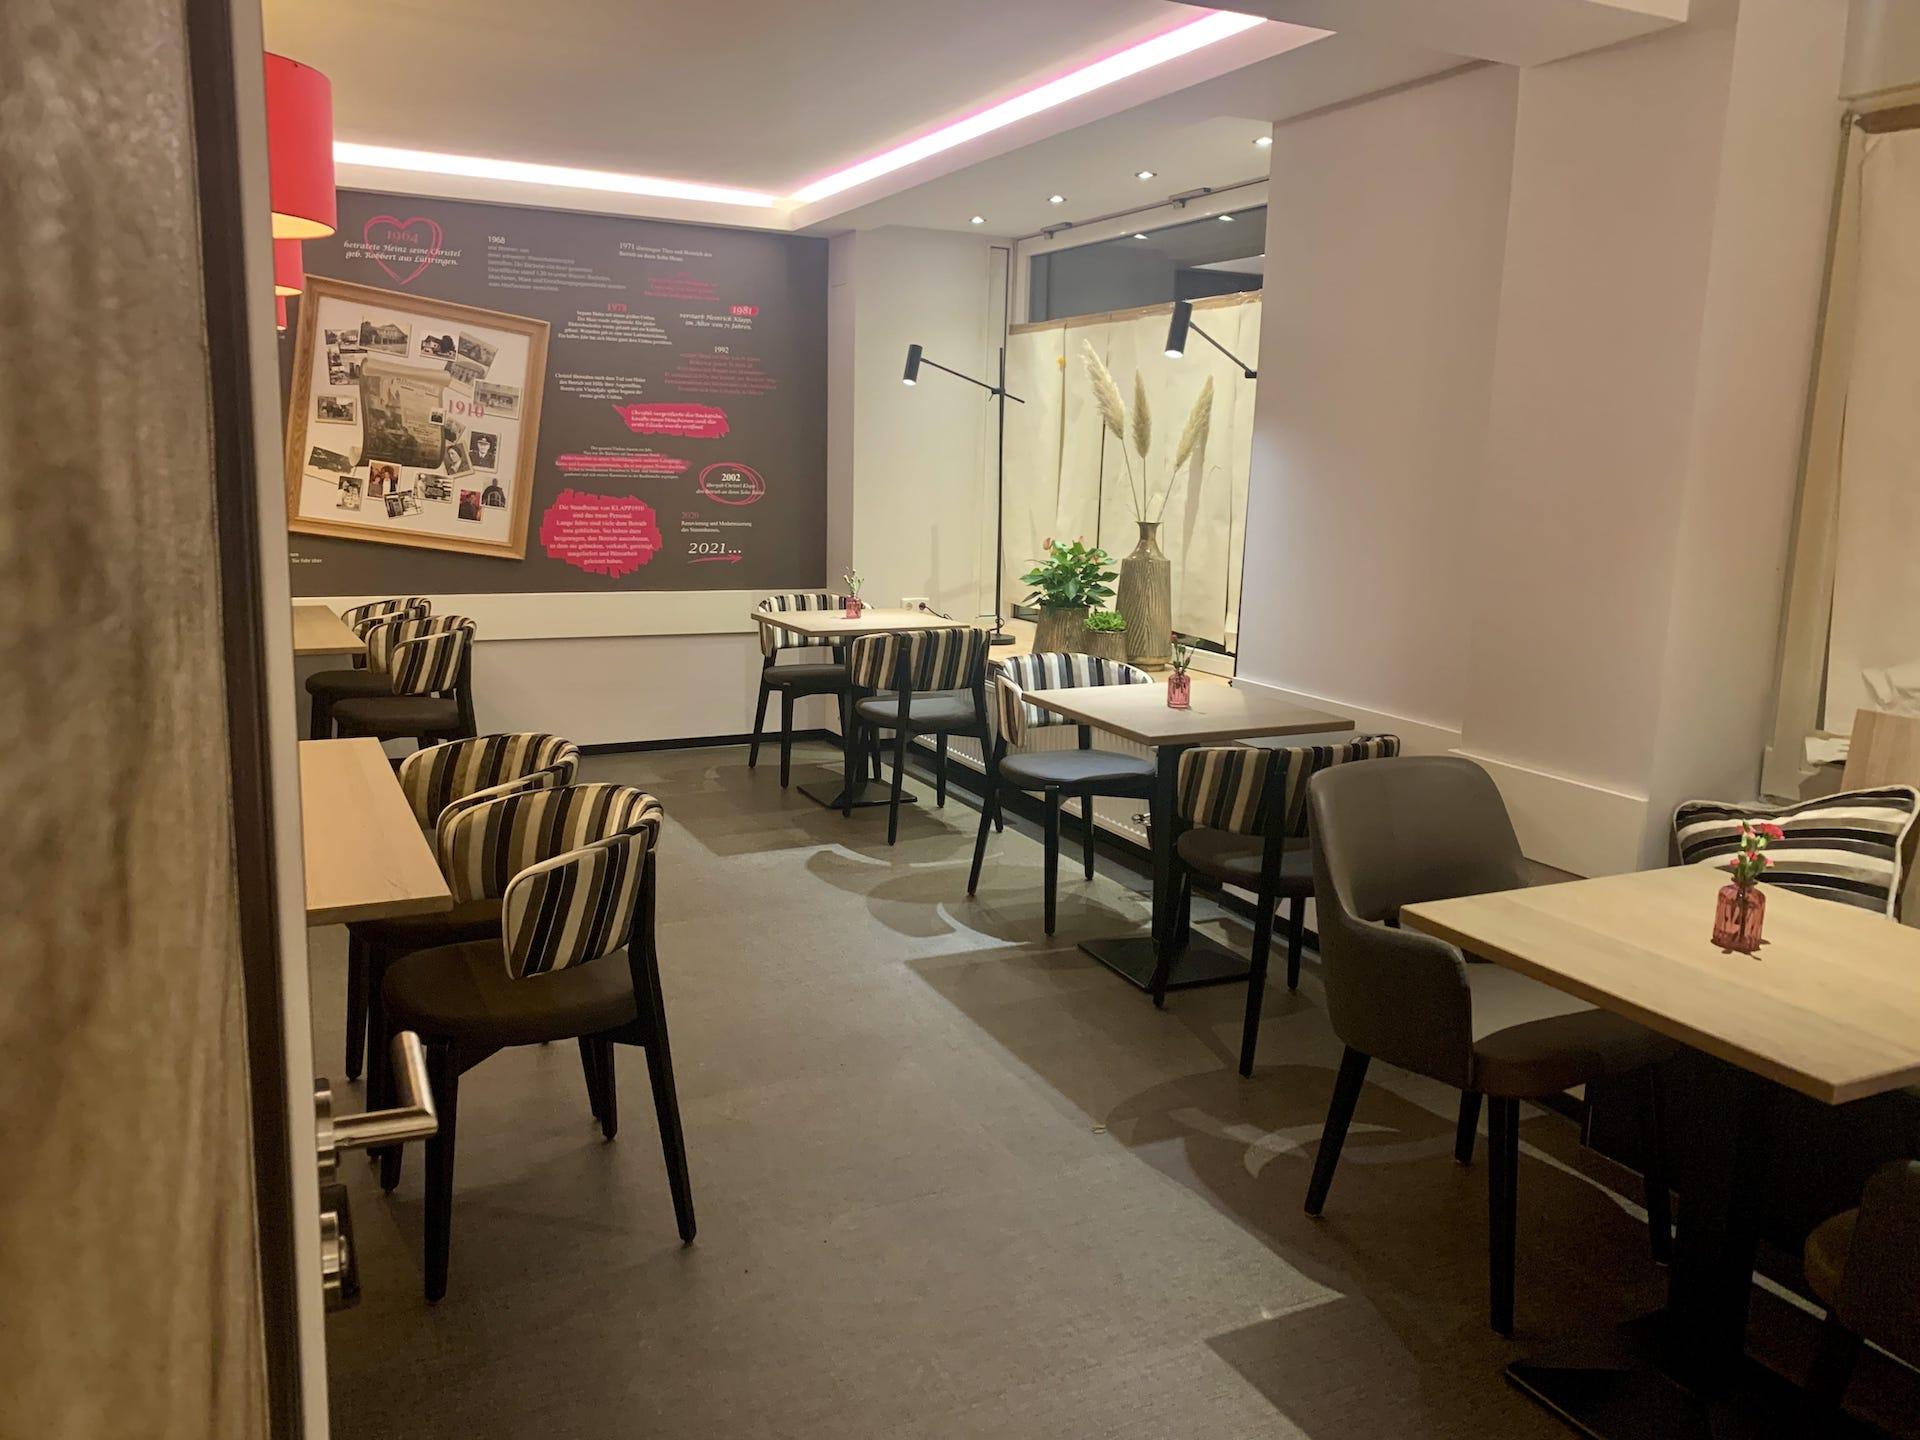 Klapp1910 Umbau 00019 - KLAPP1910 Stammhaus im neuen Design wiedereröffnet